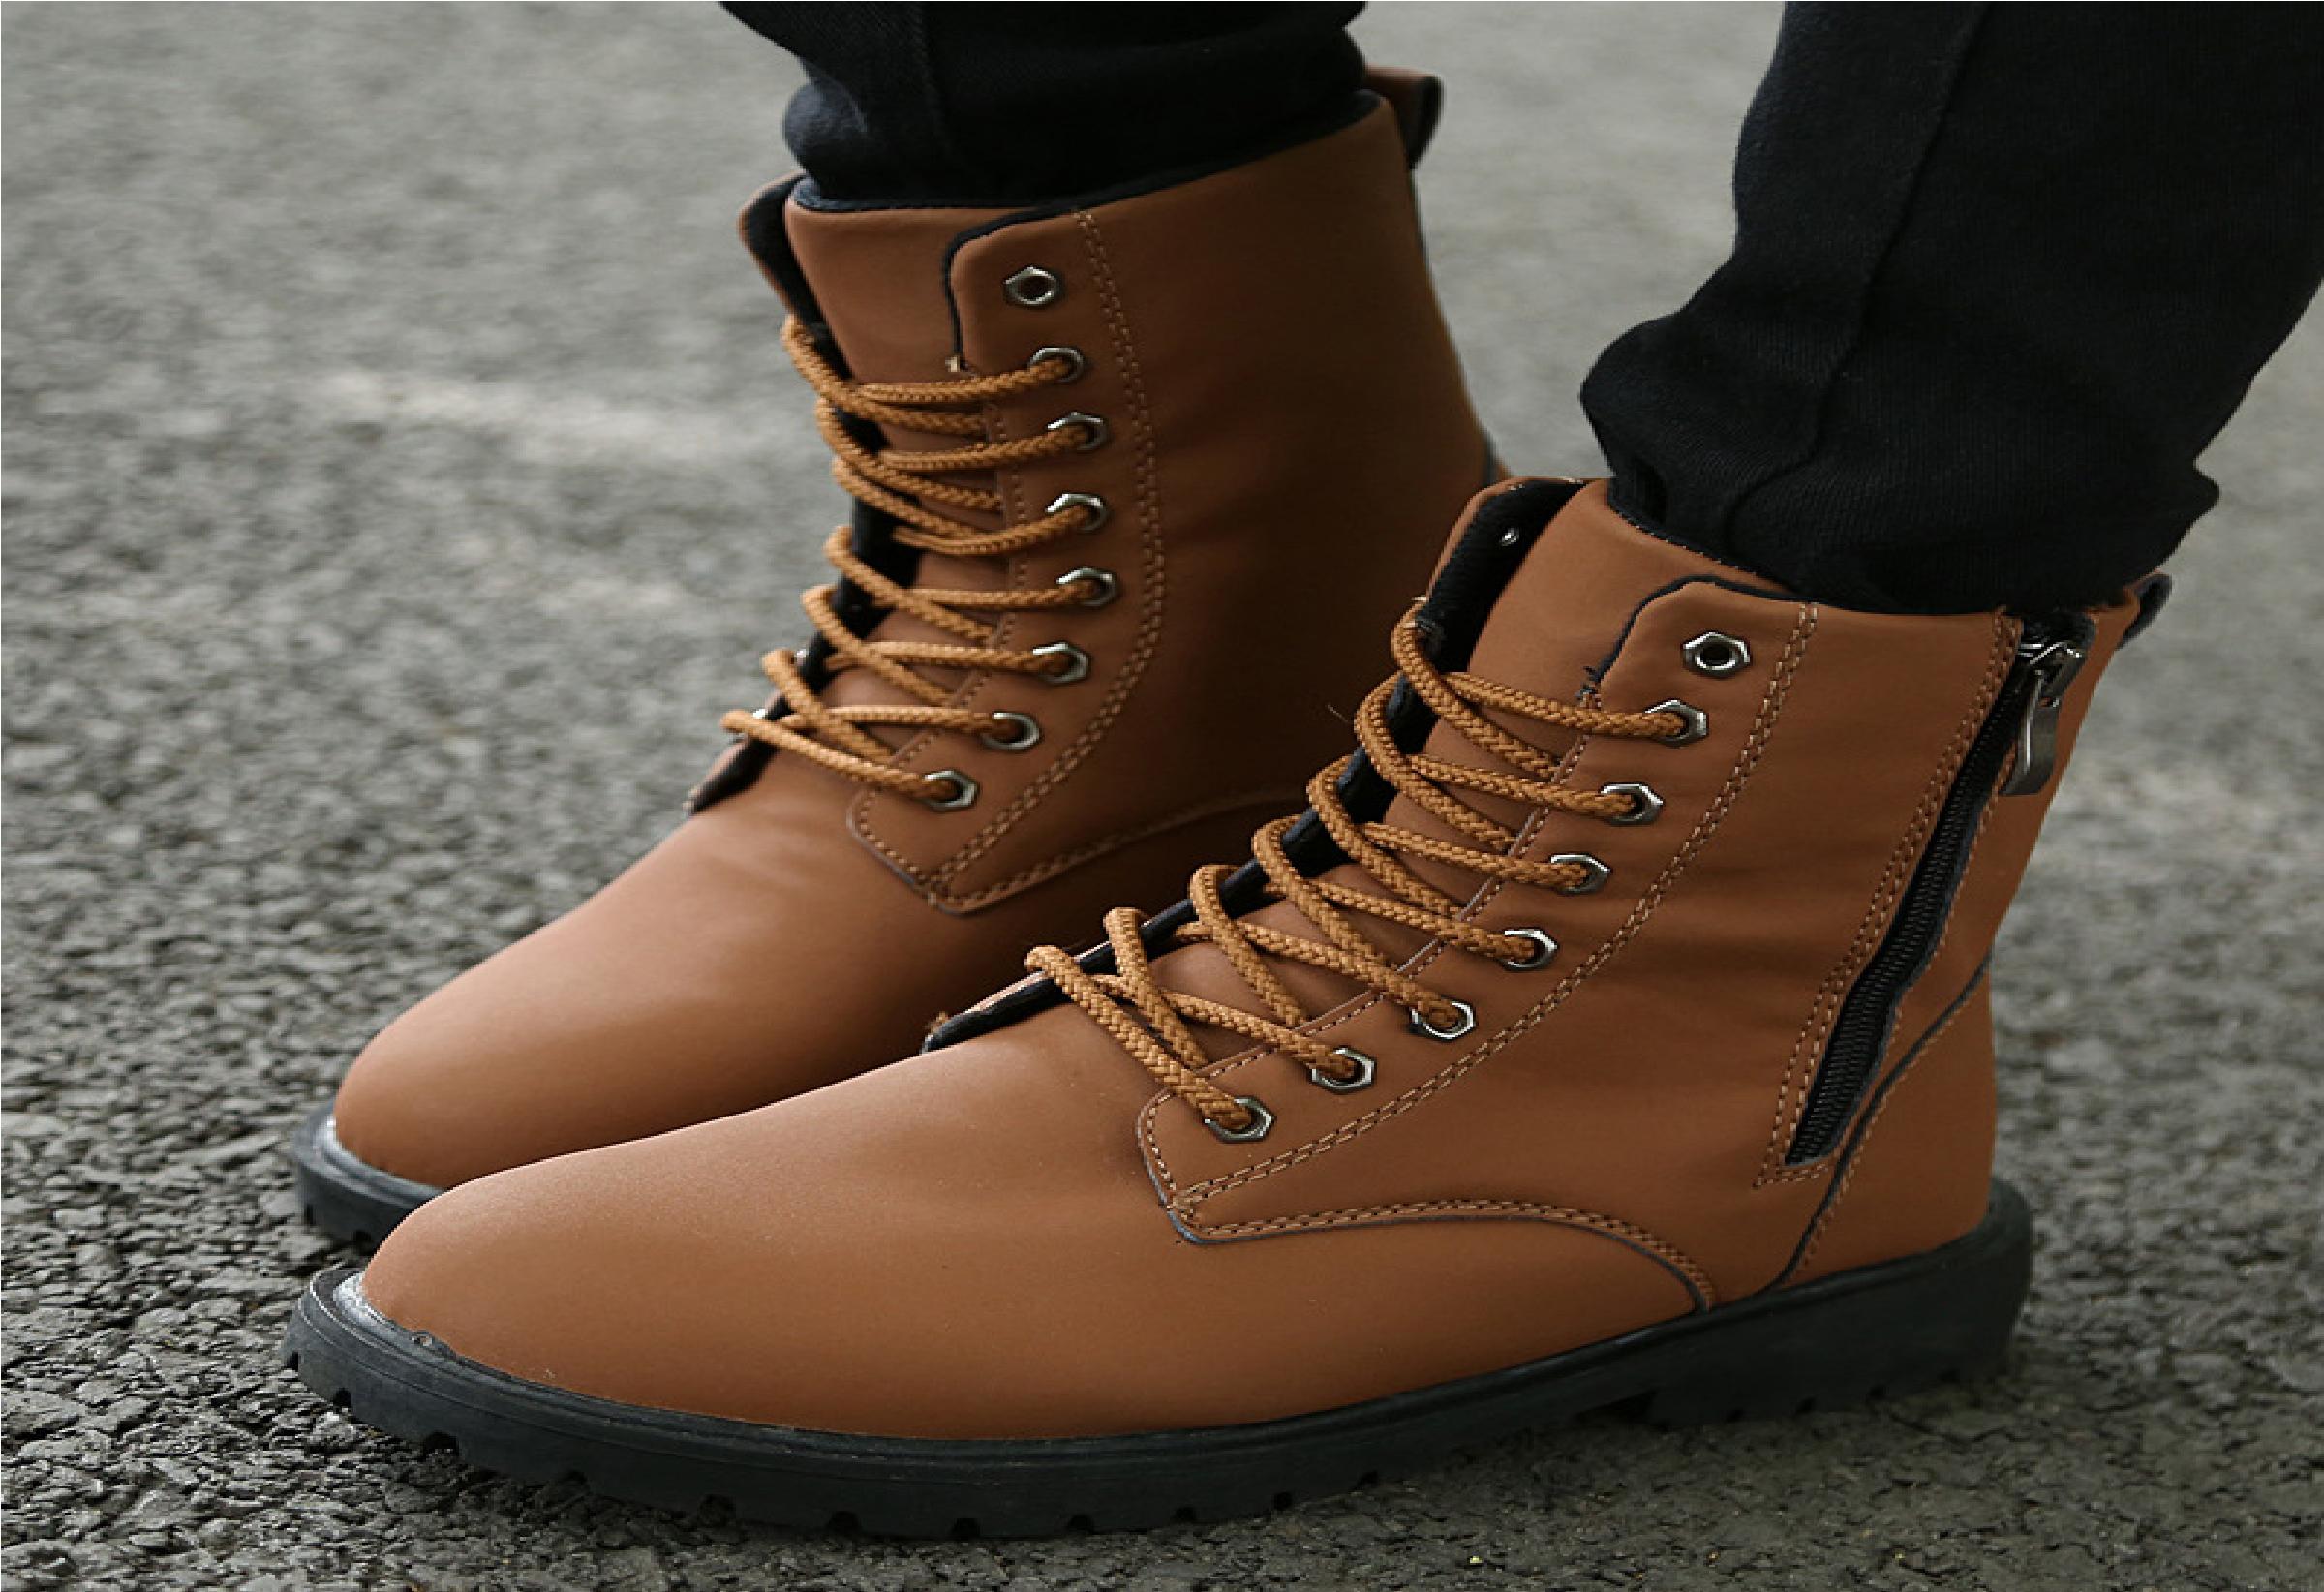 0eb8355445a85 Alternativas de botas y botines para hombres... distintos modelos